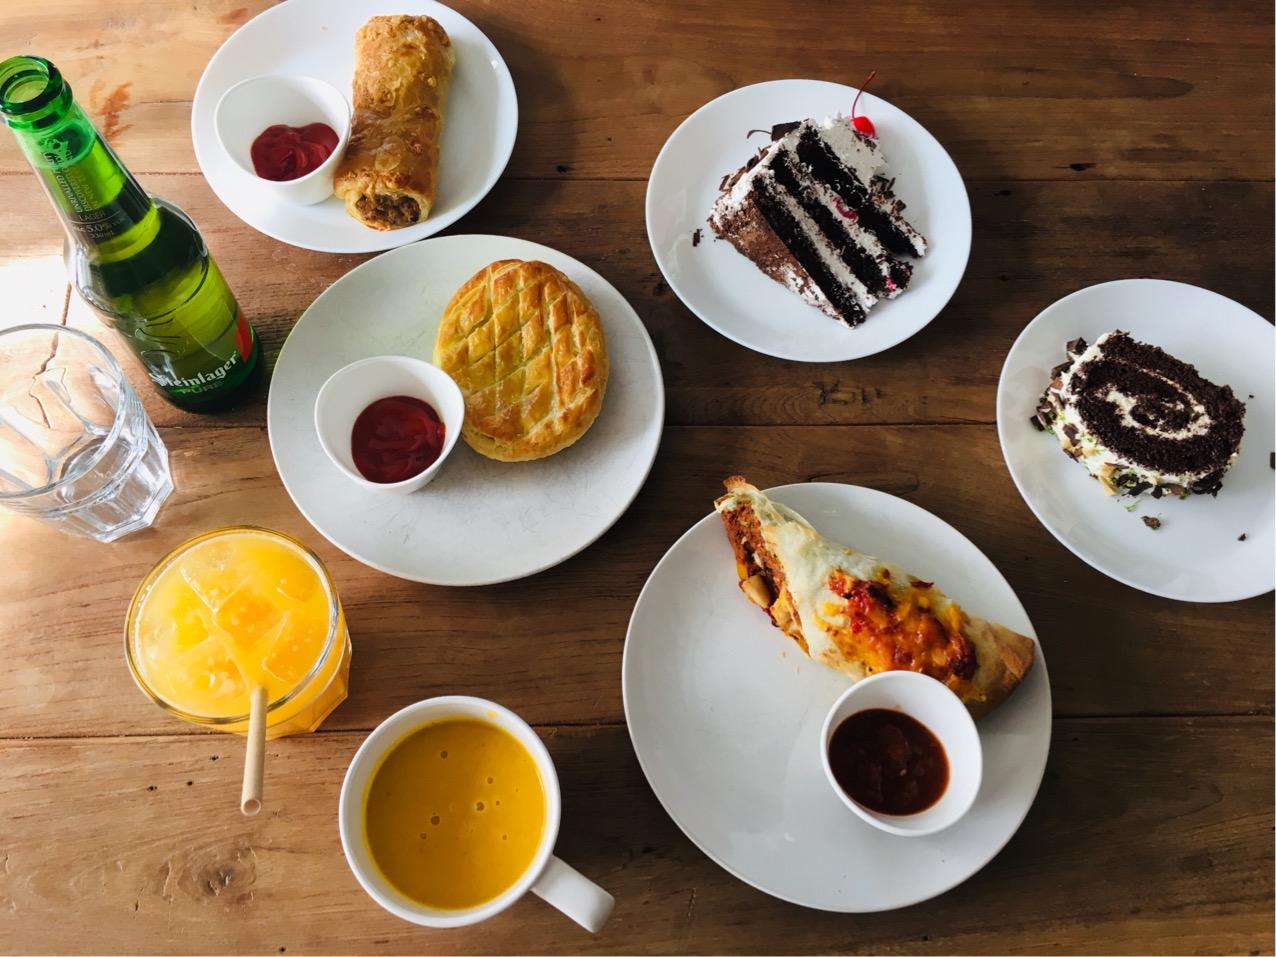 キウイキッチンは白金プラチナのデリバリー&キッズスペースのあるカフェ